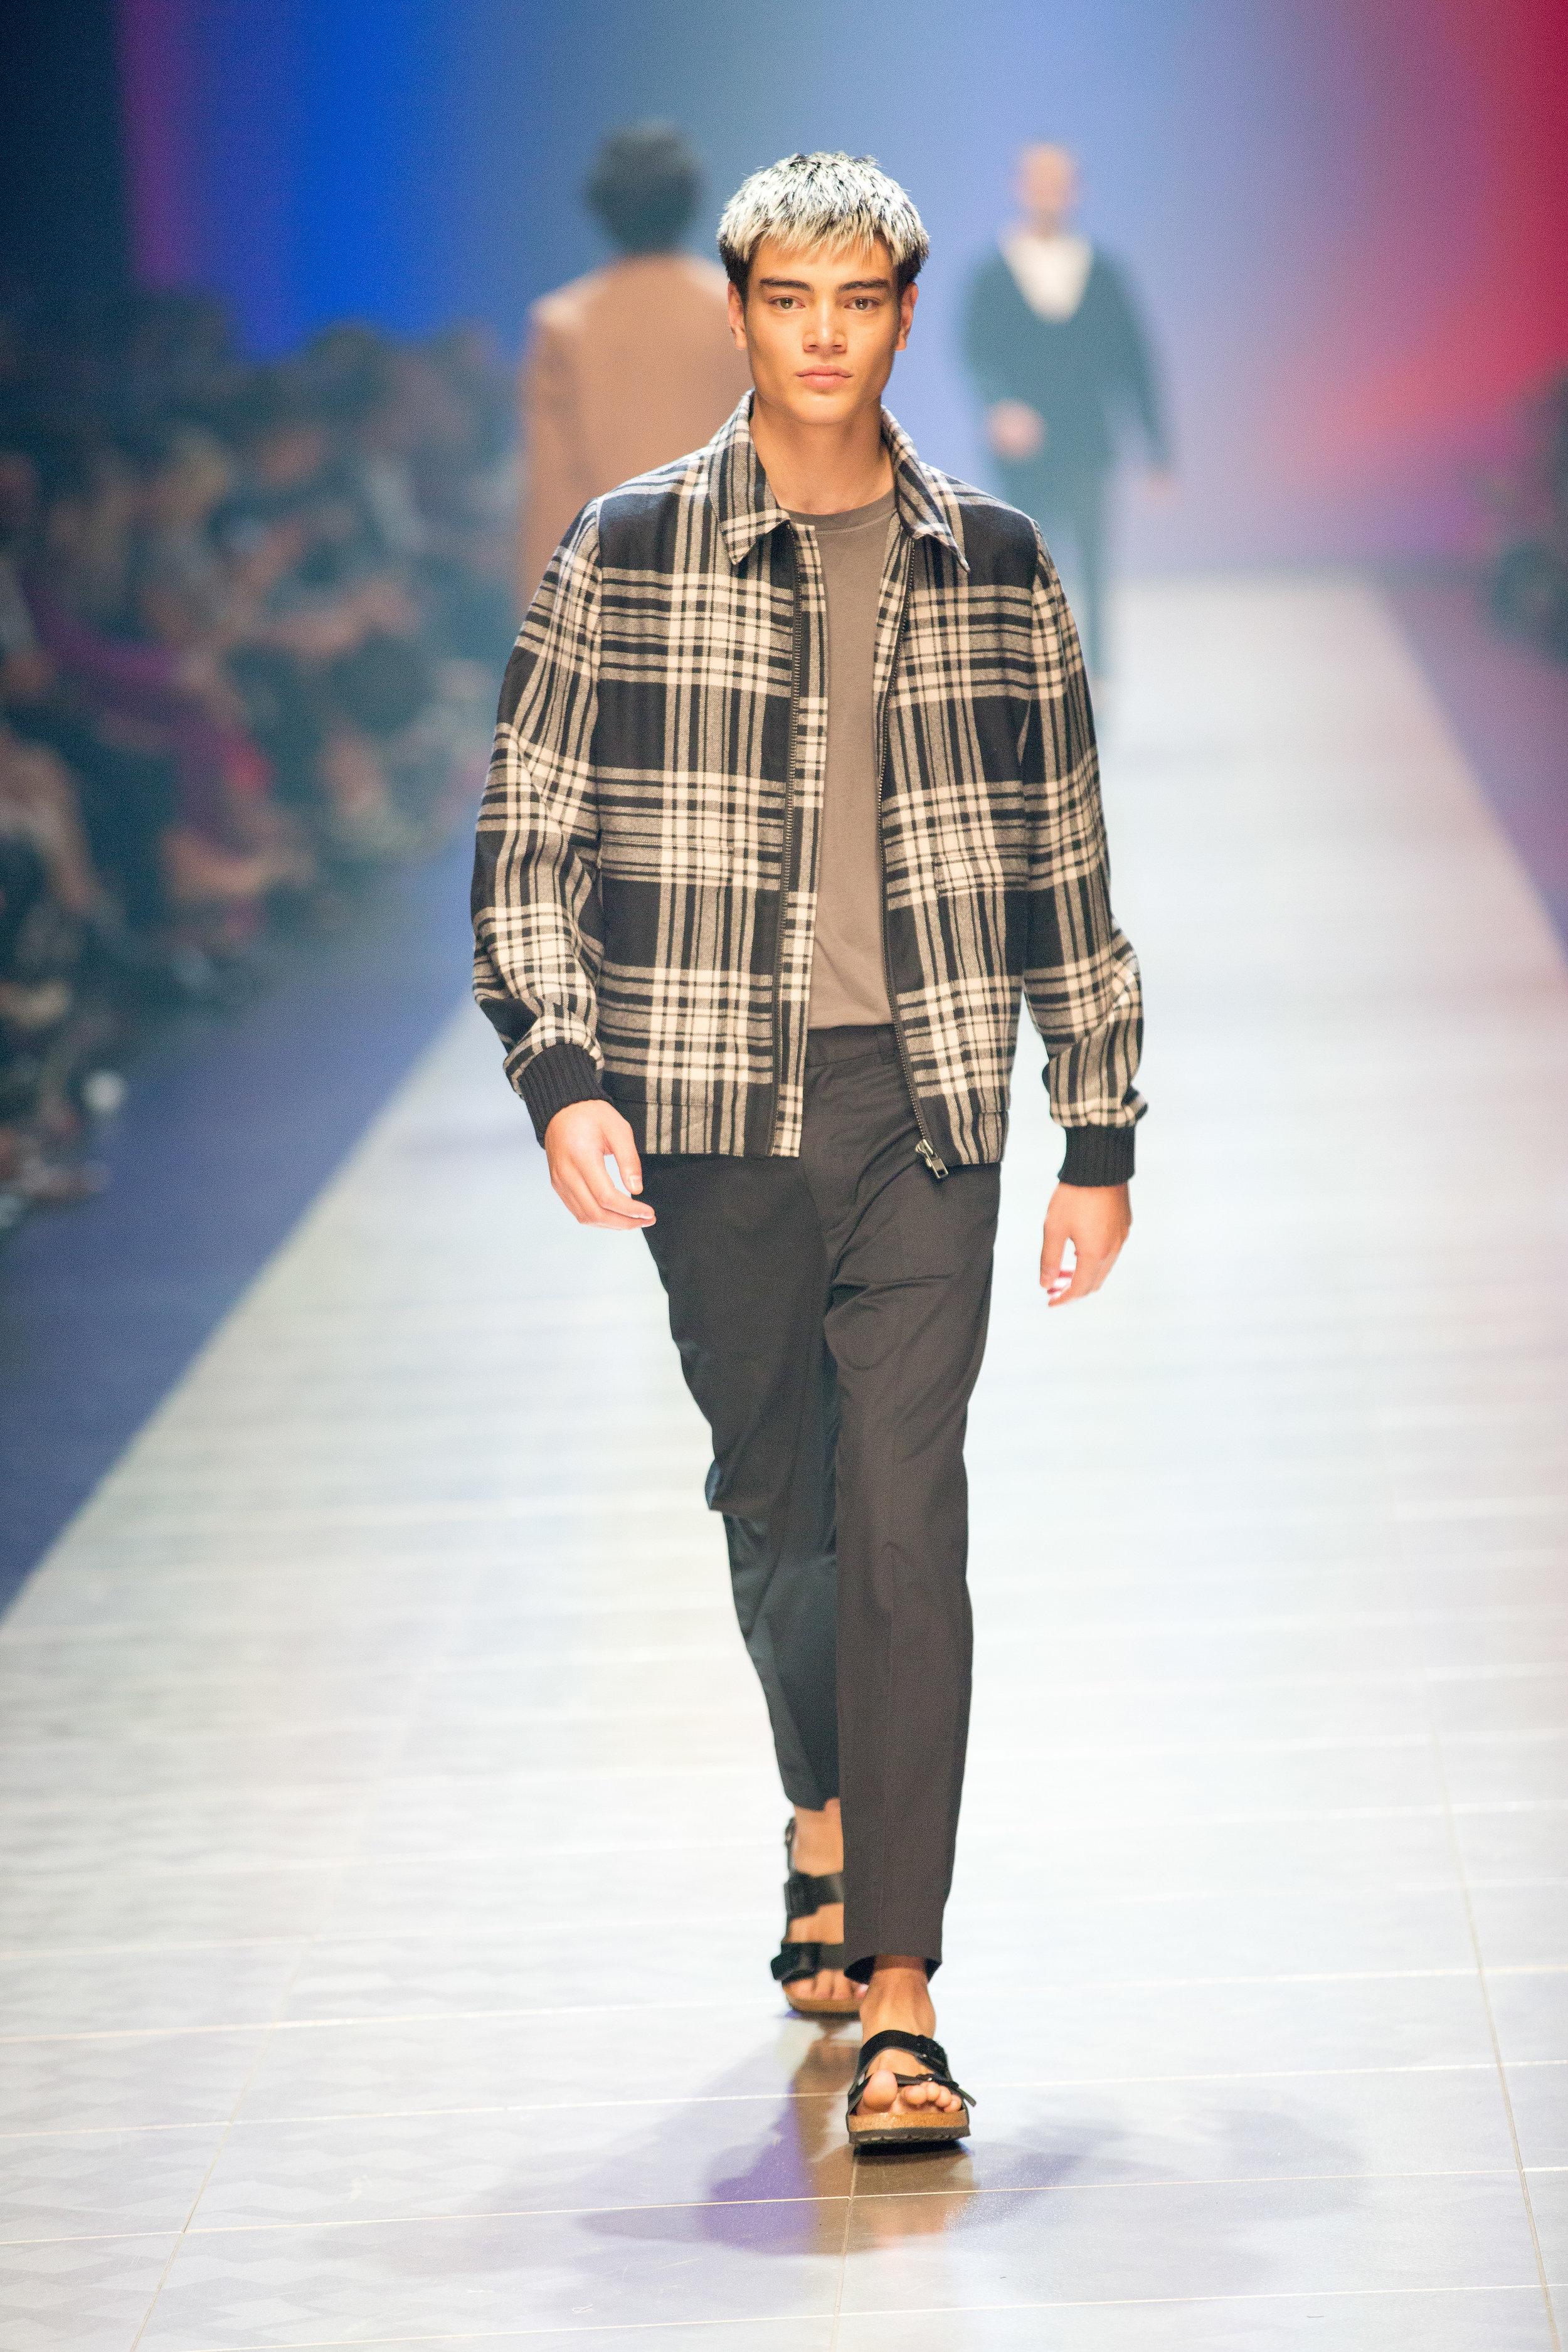 VAMFF2019_GQ Menswear-118.jpg